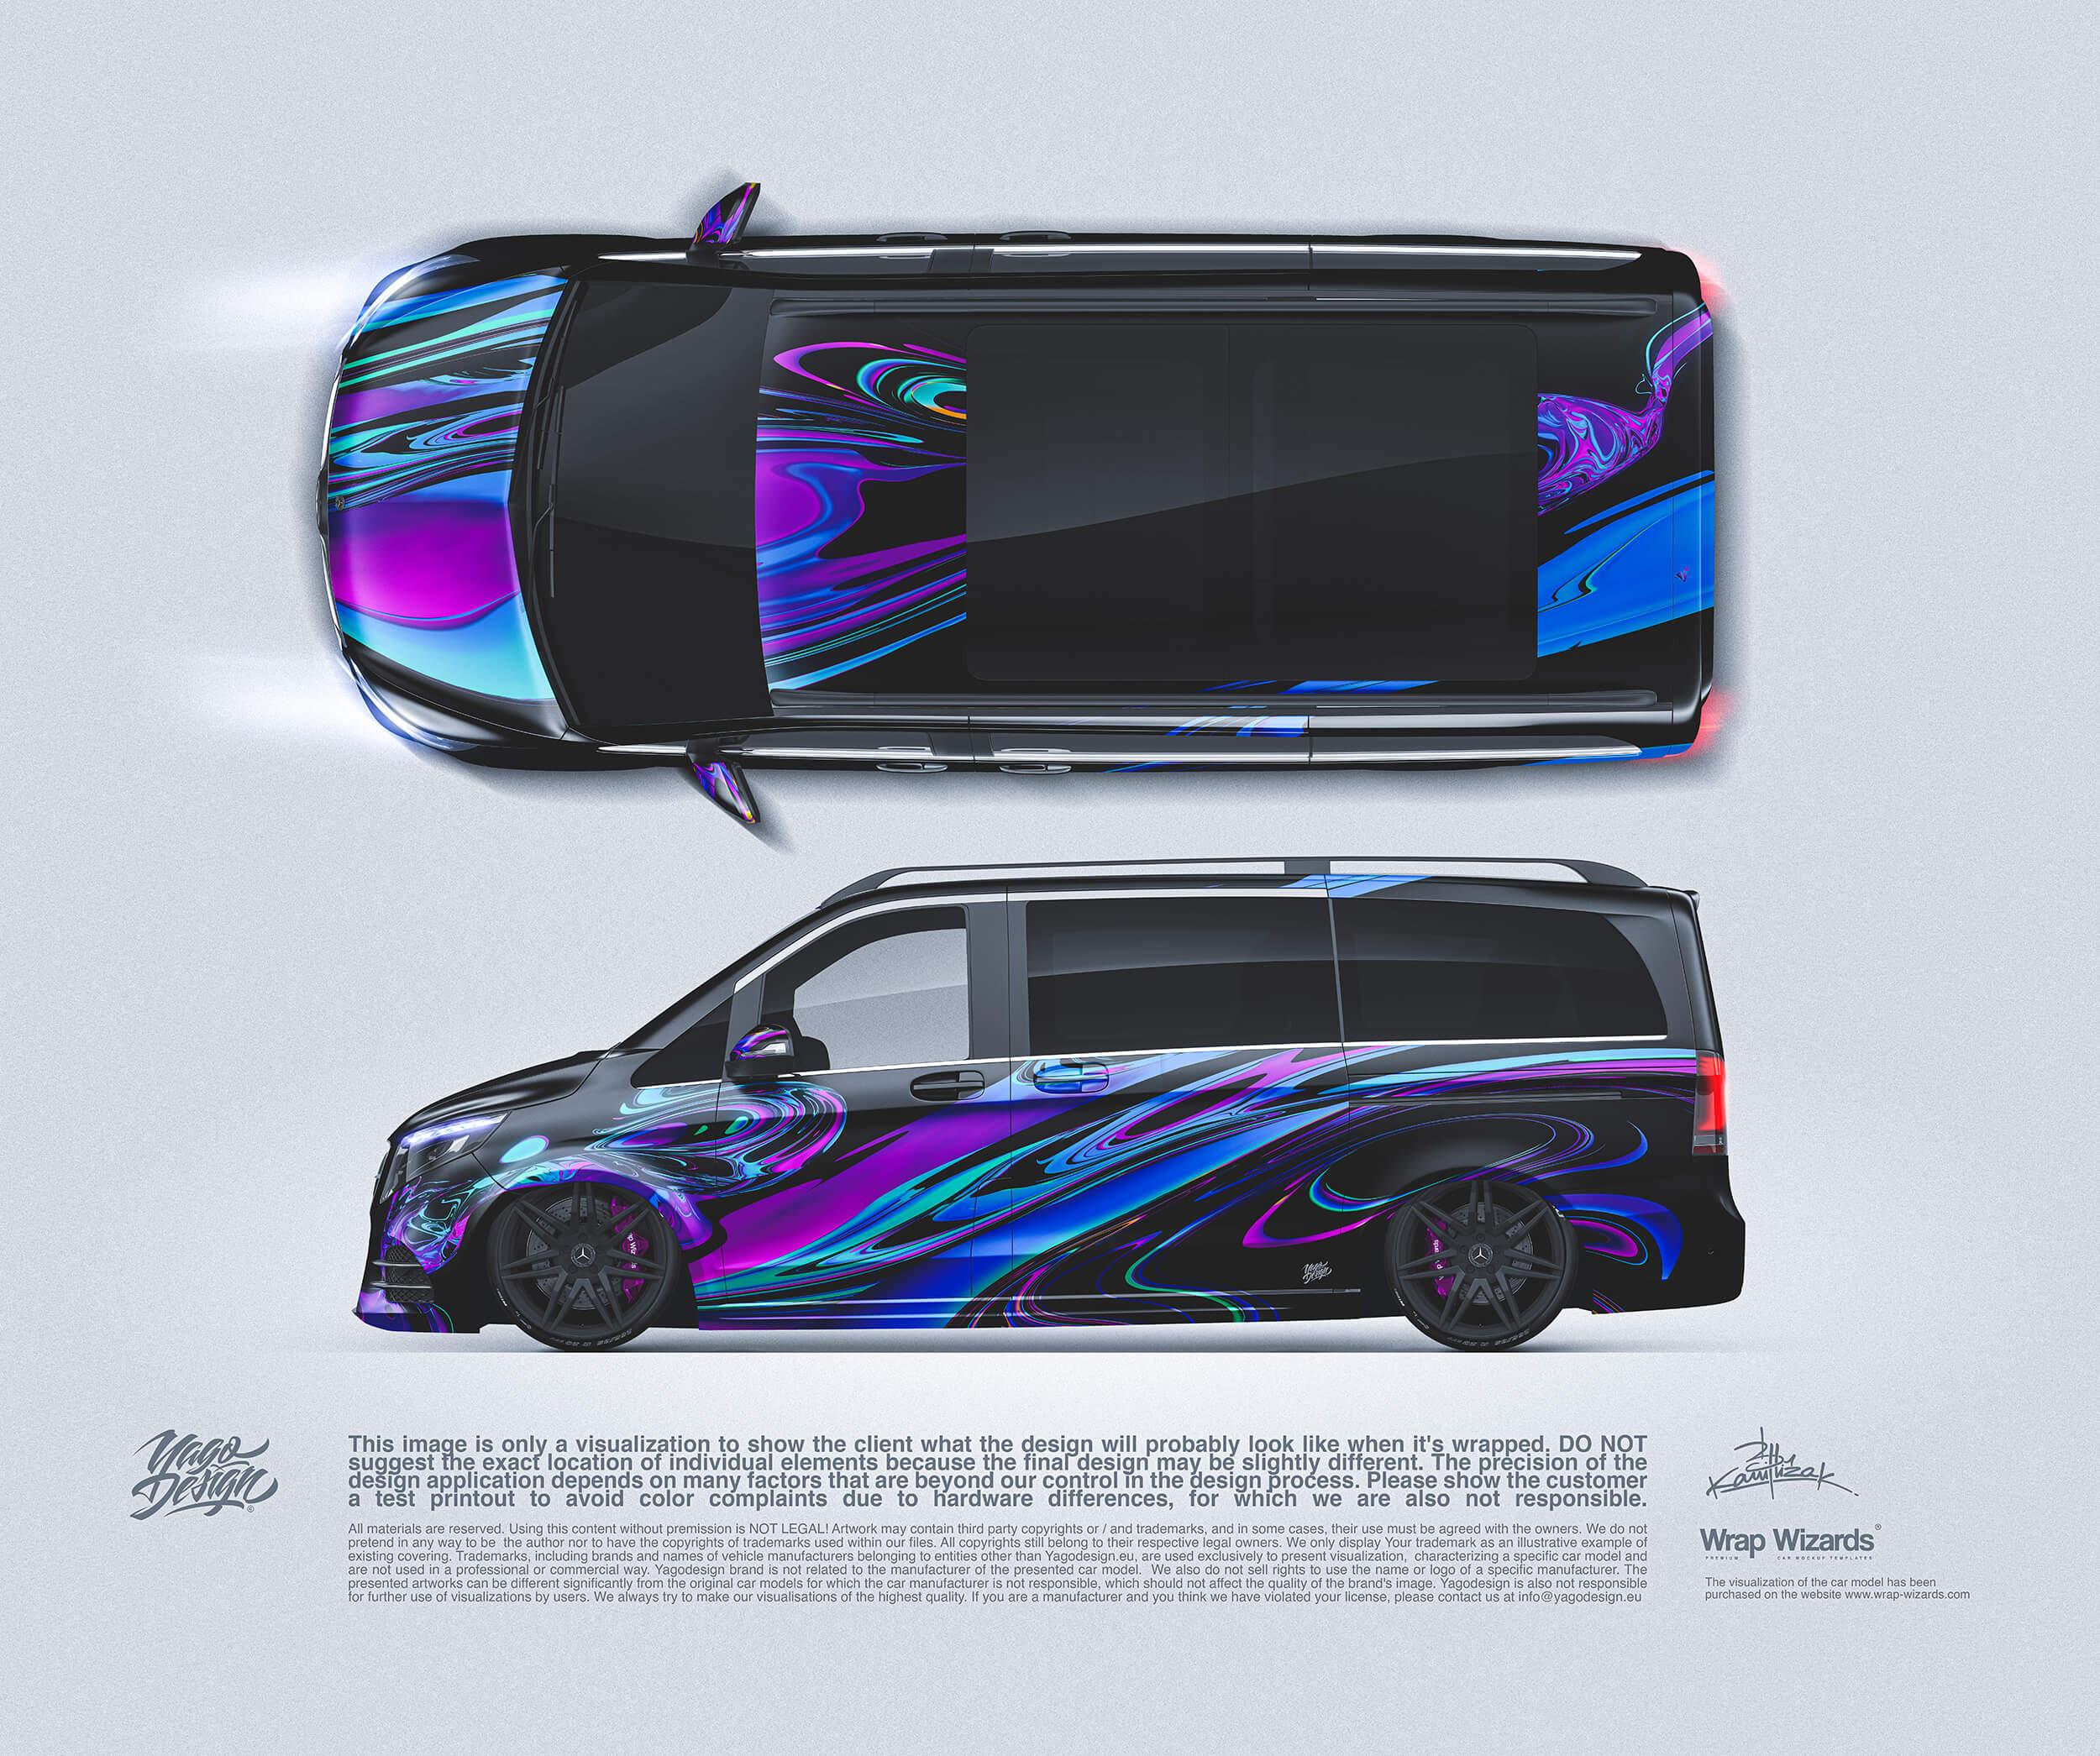 MercedesBenz Vclass side top